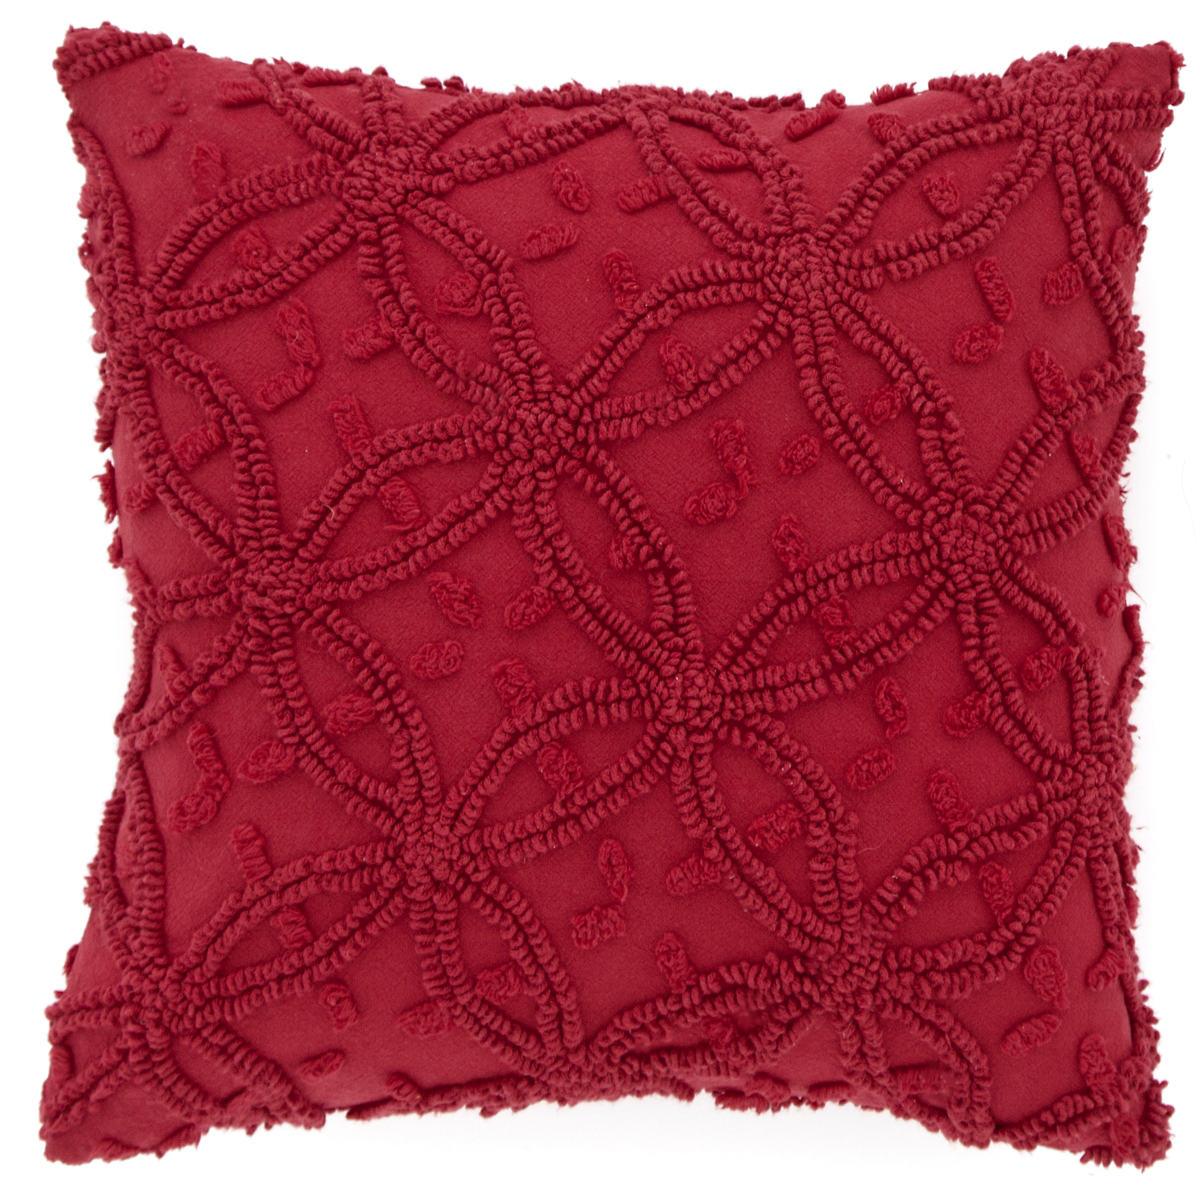 Candlewick Crimson Decorative Pillows